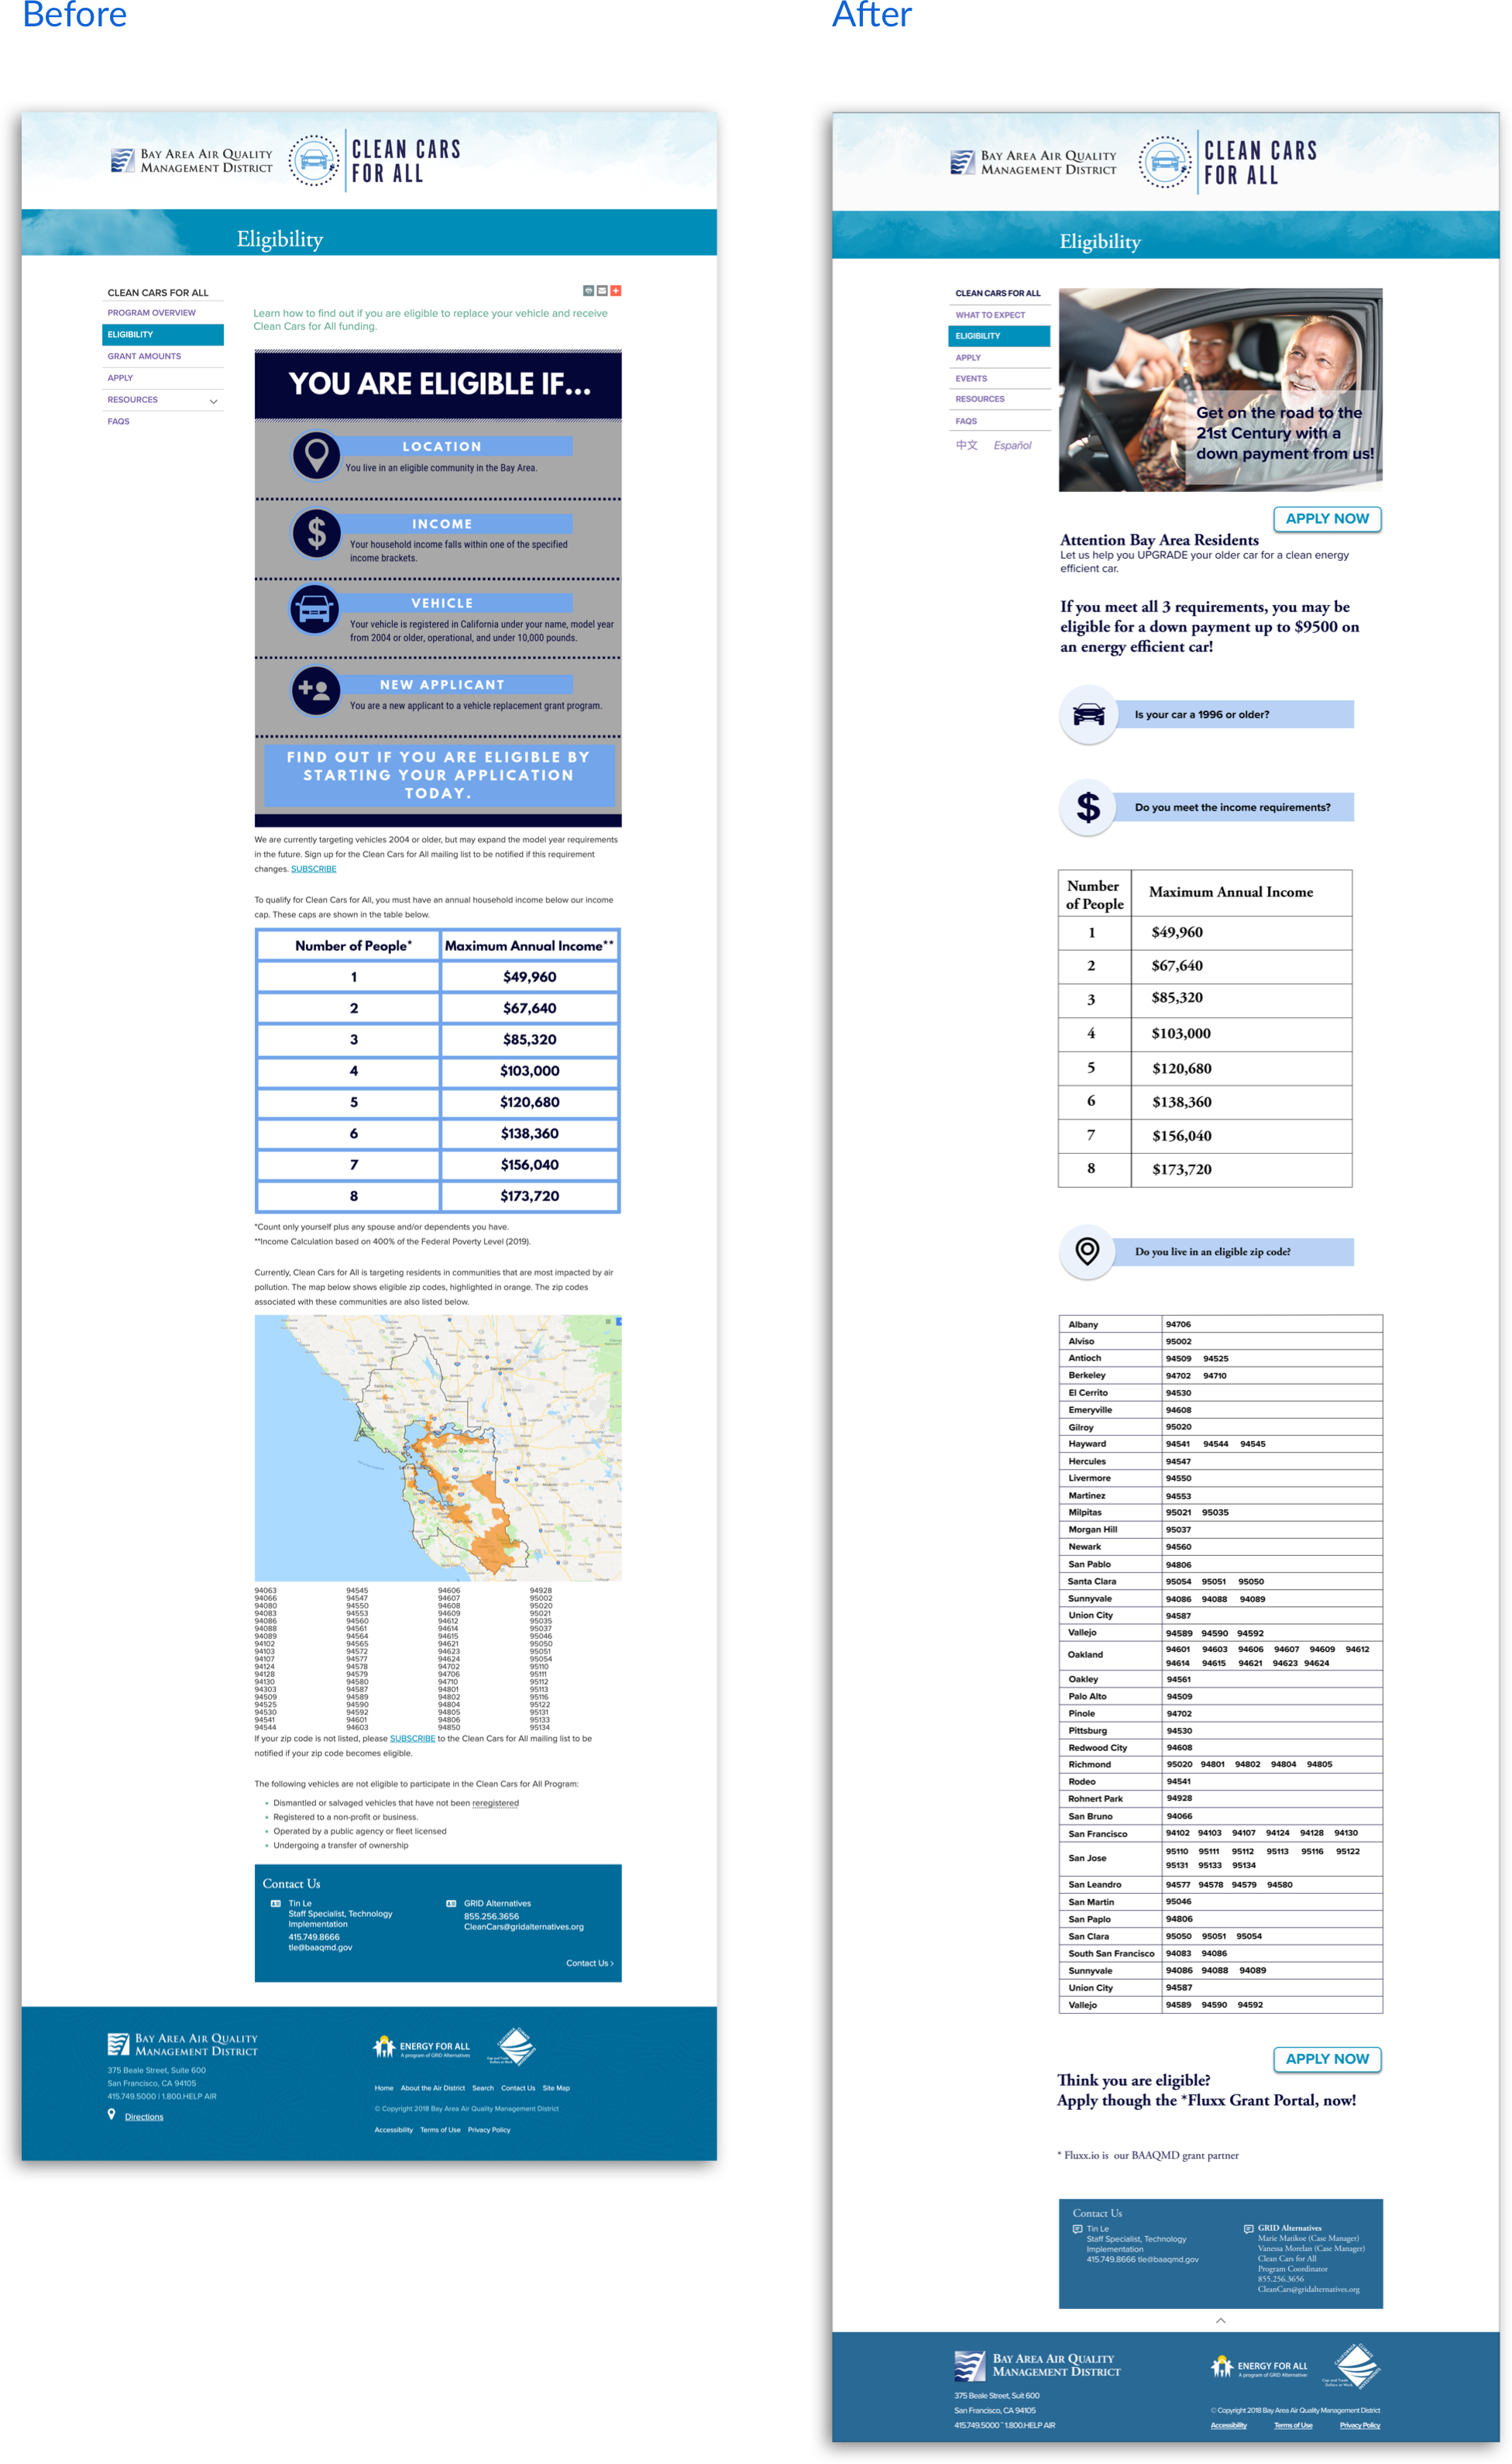 cc4a_port_comparison1.png